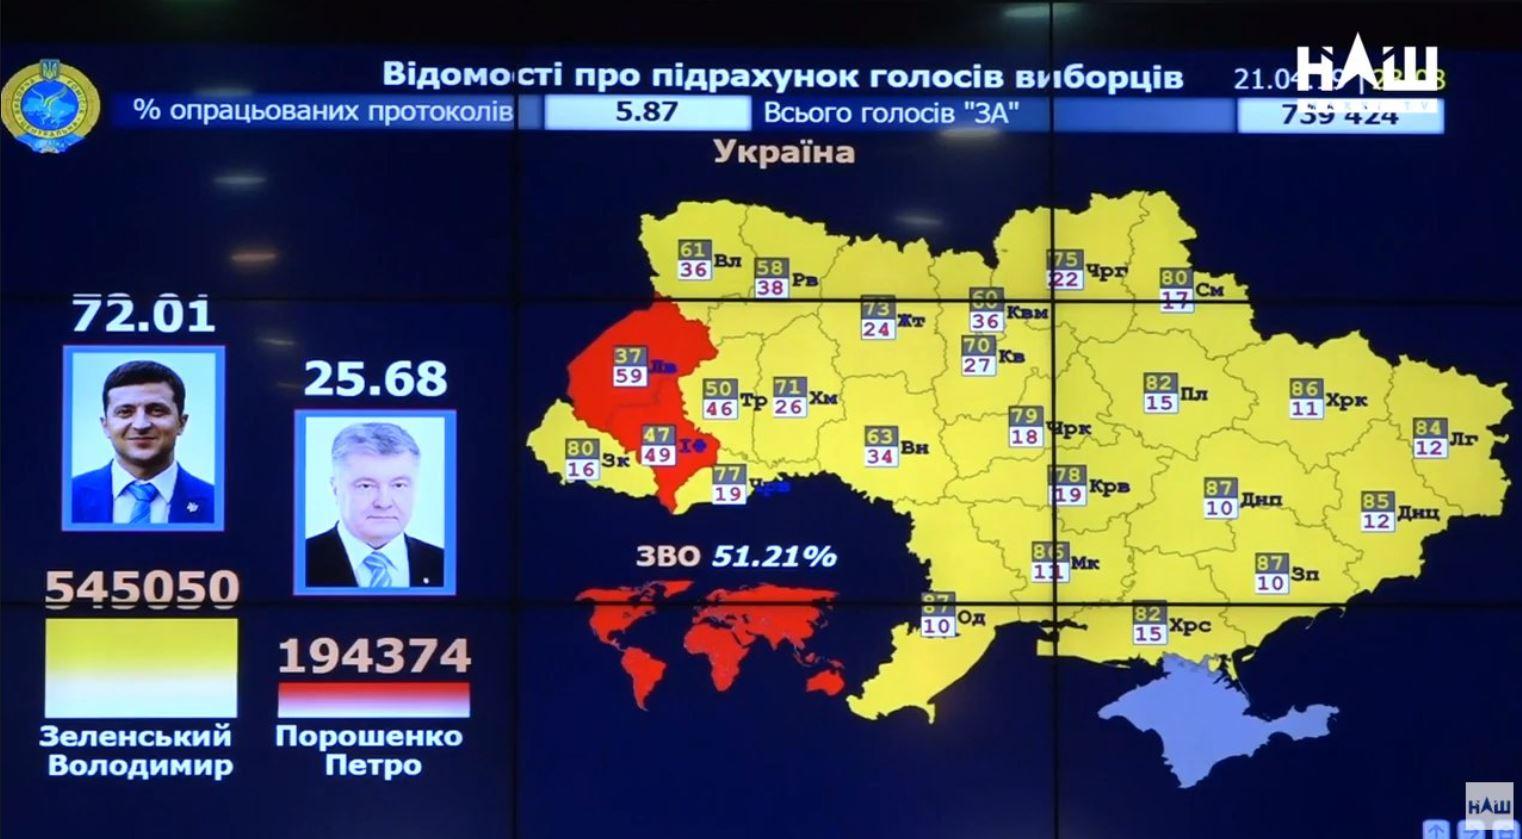 «Τέλος εποχής για Ποροσένκο στην Ουκρανία»